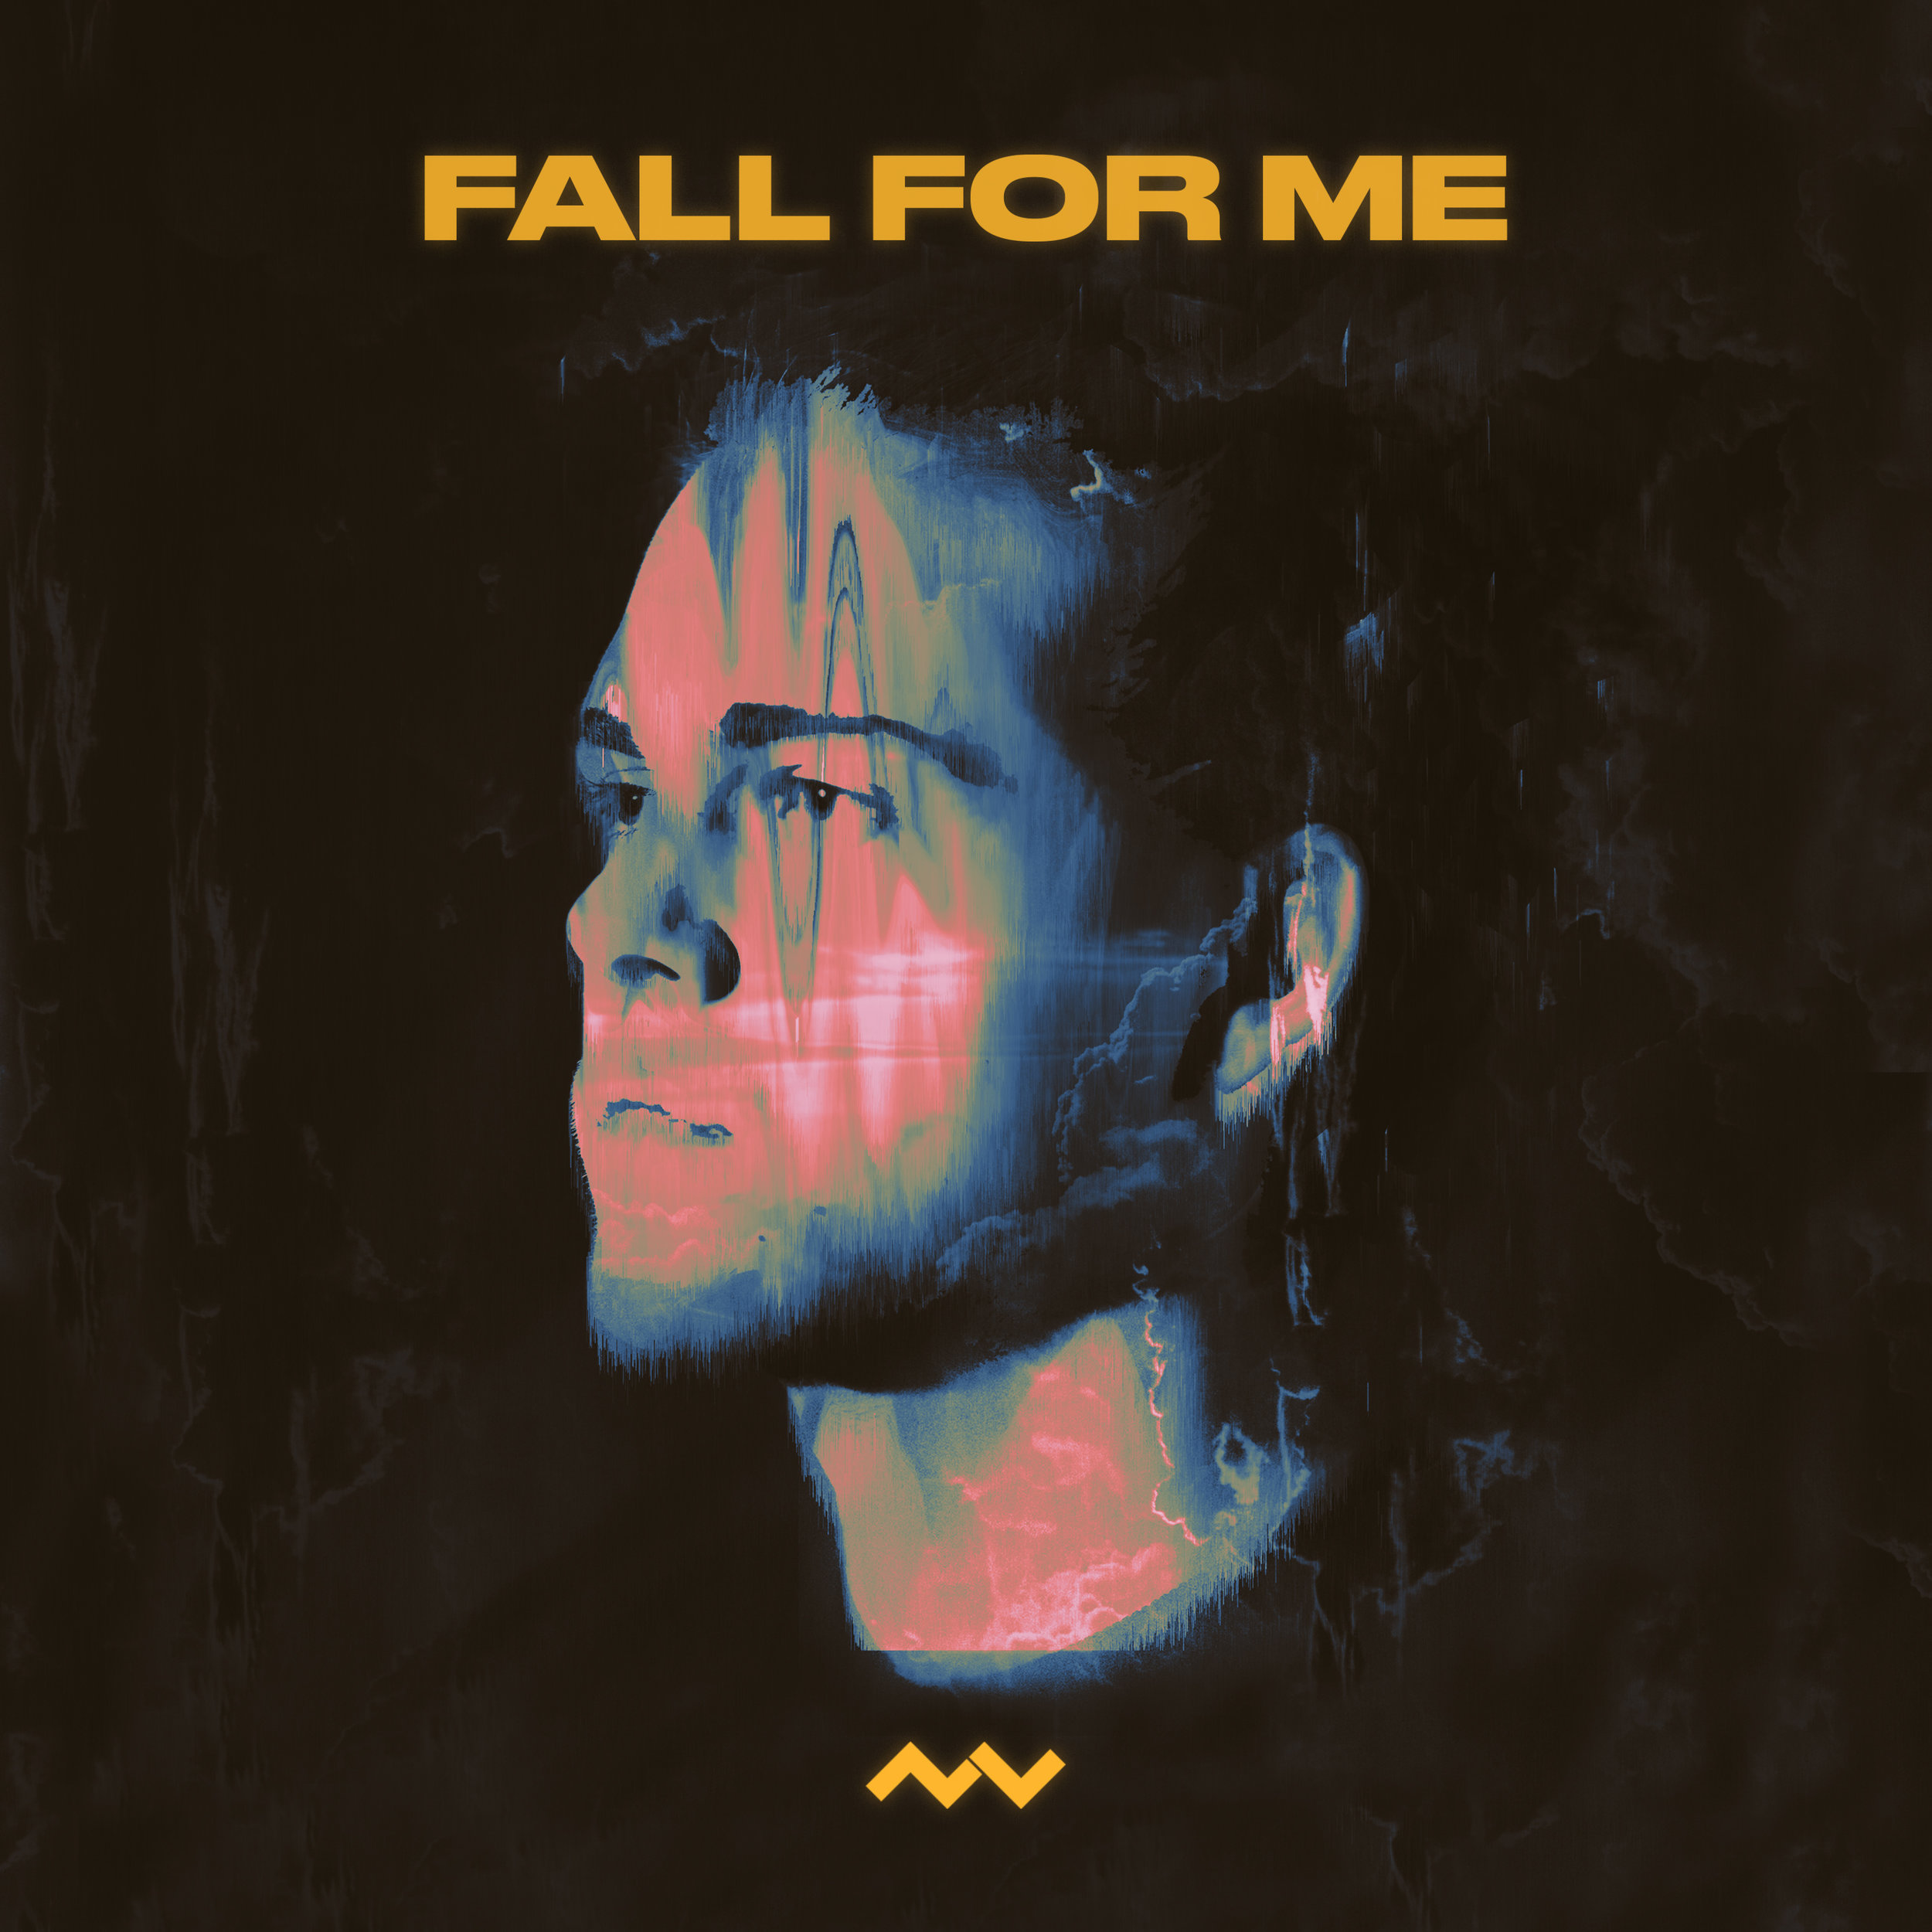 FALL FOR ME - ALBUM ART.jpg